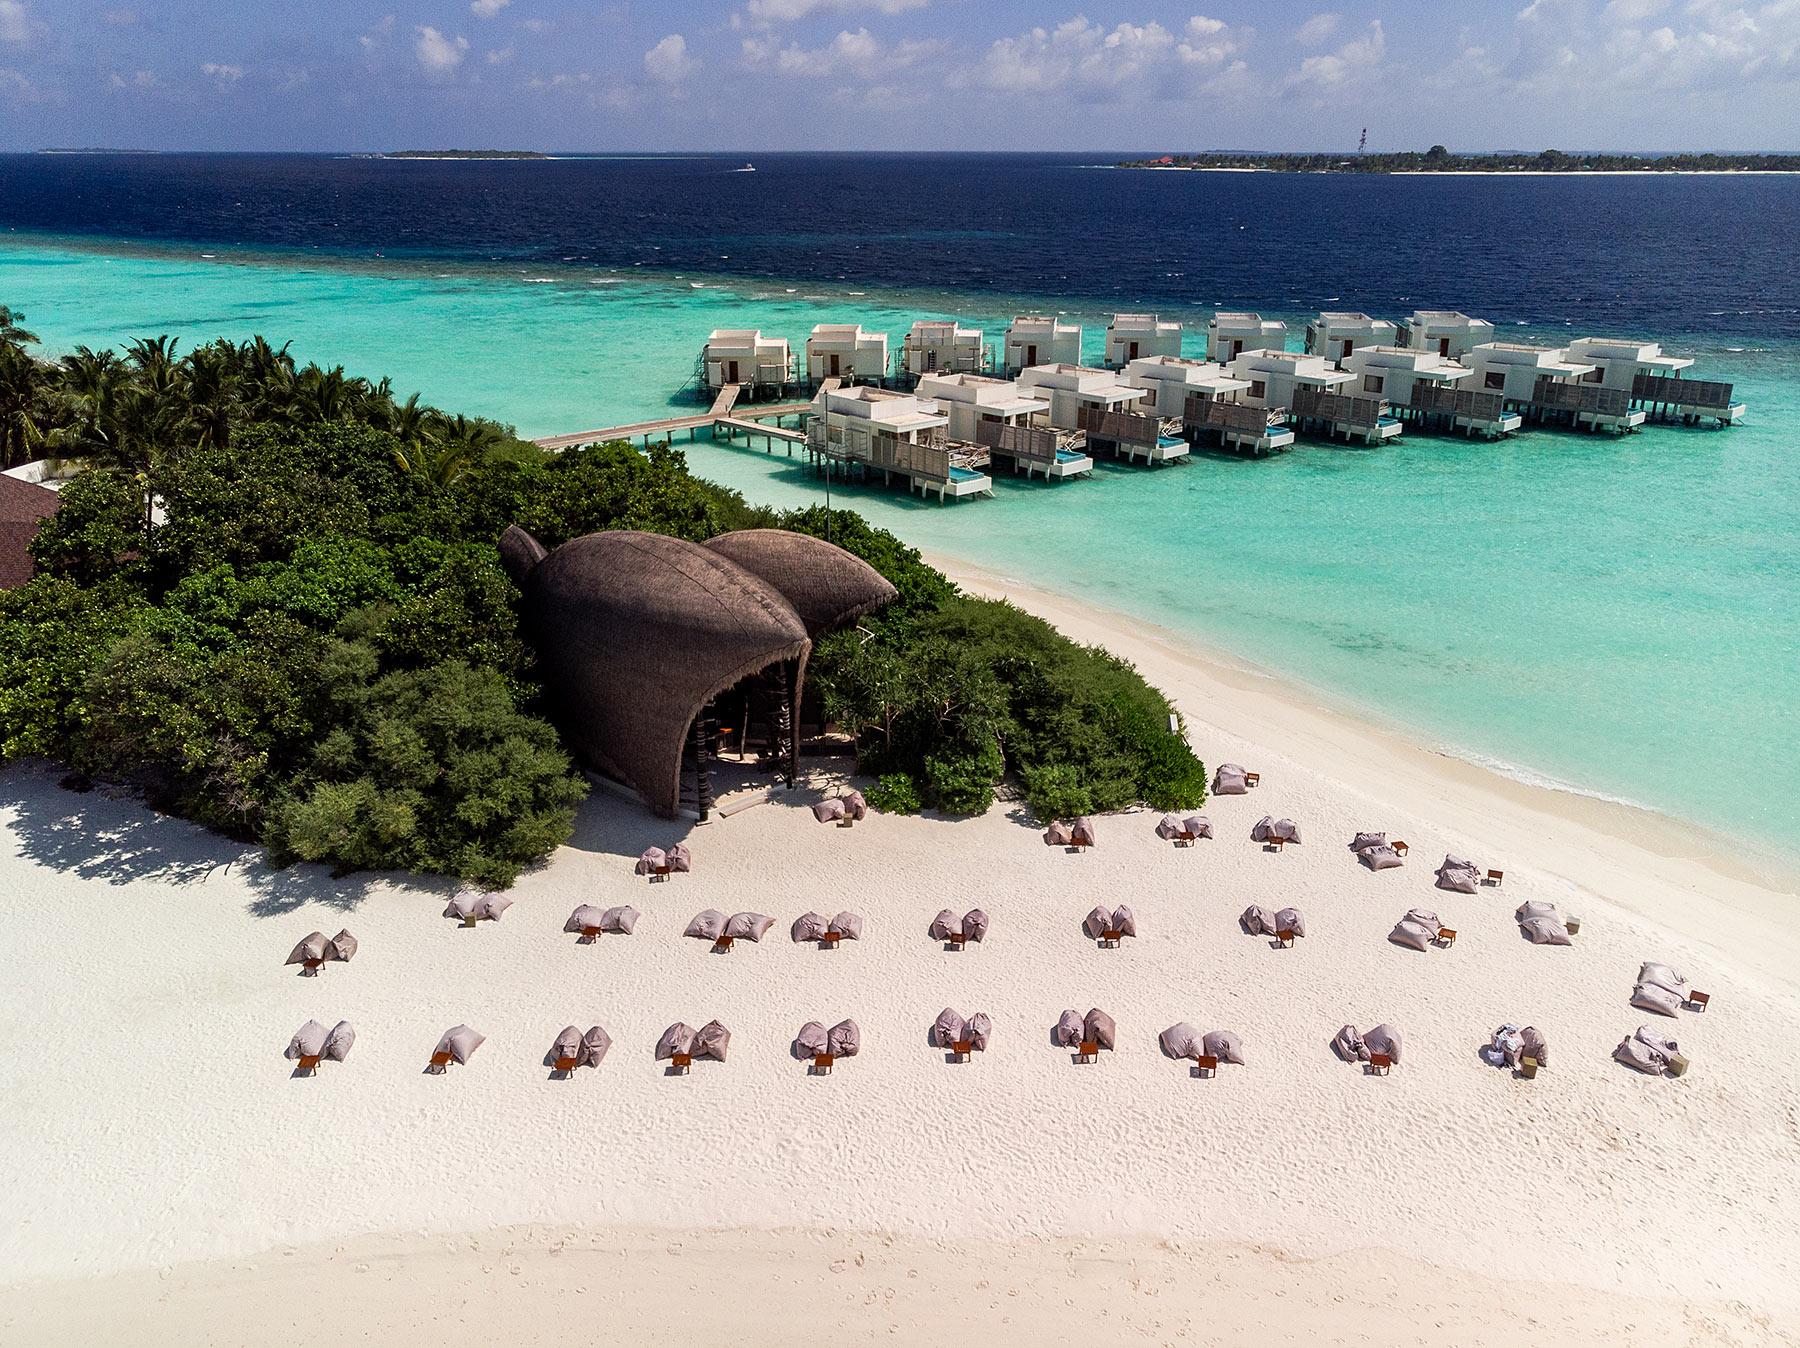 haali bar dhigali maldives travel blog sunnyinga